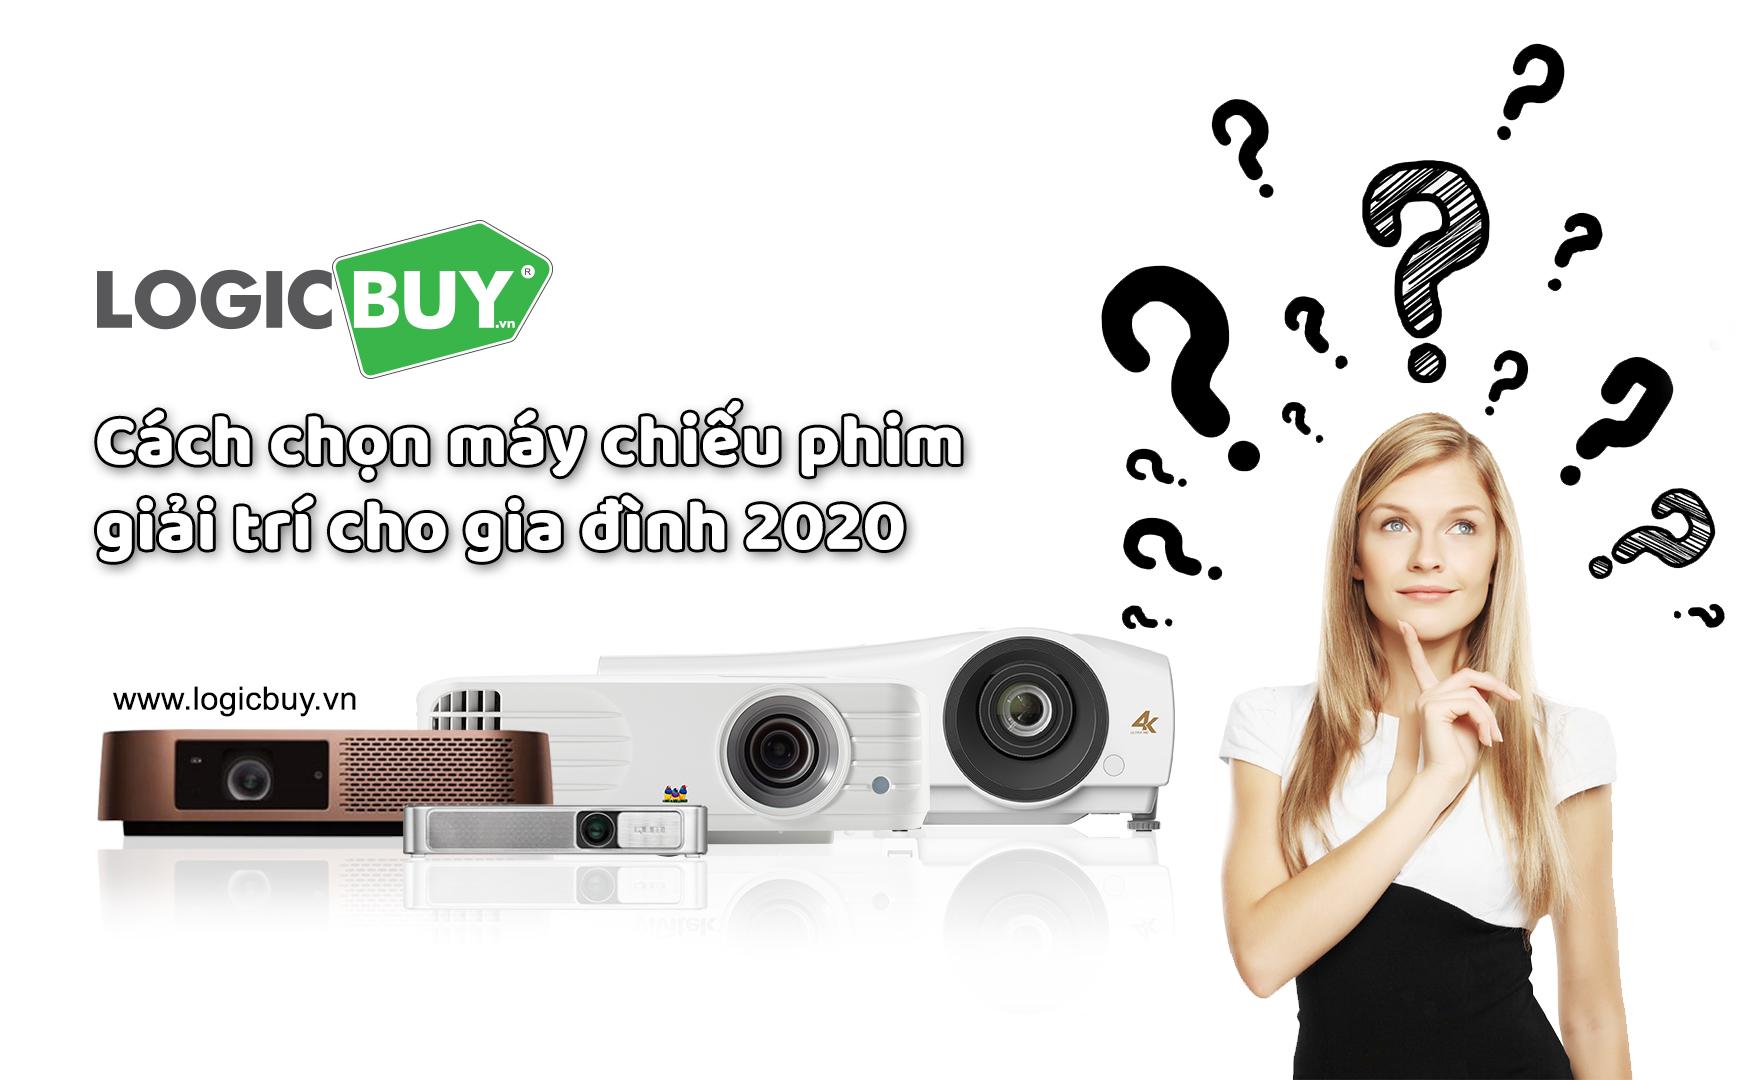 [Góc tư vấn] Cách chọn máy chiếu giải trí cho gia đình 2020